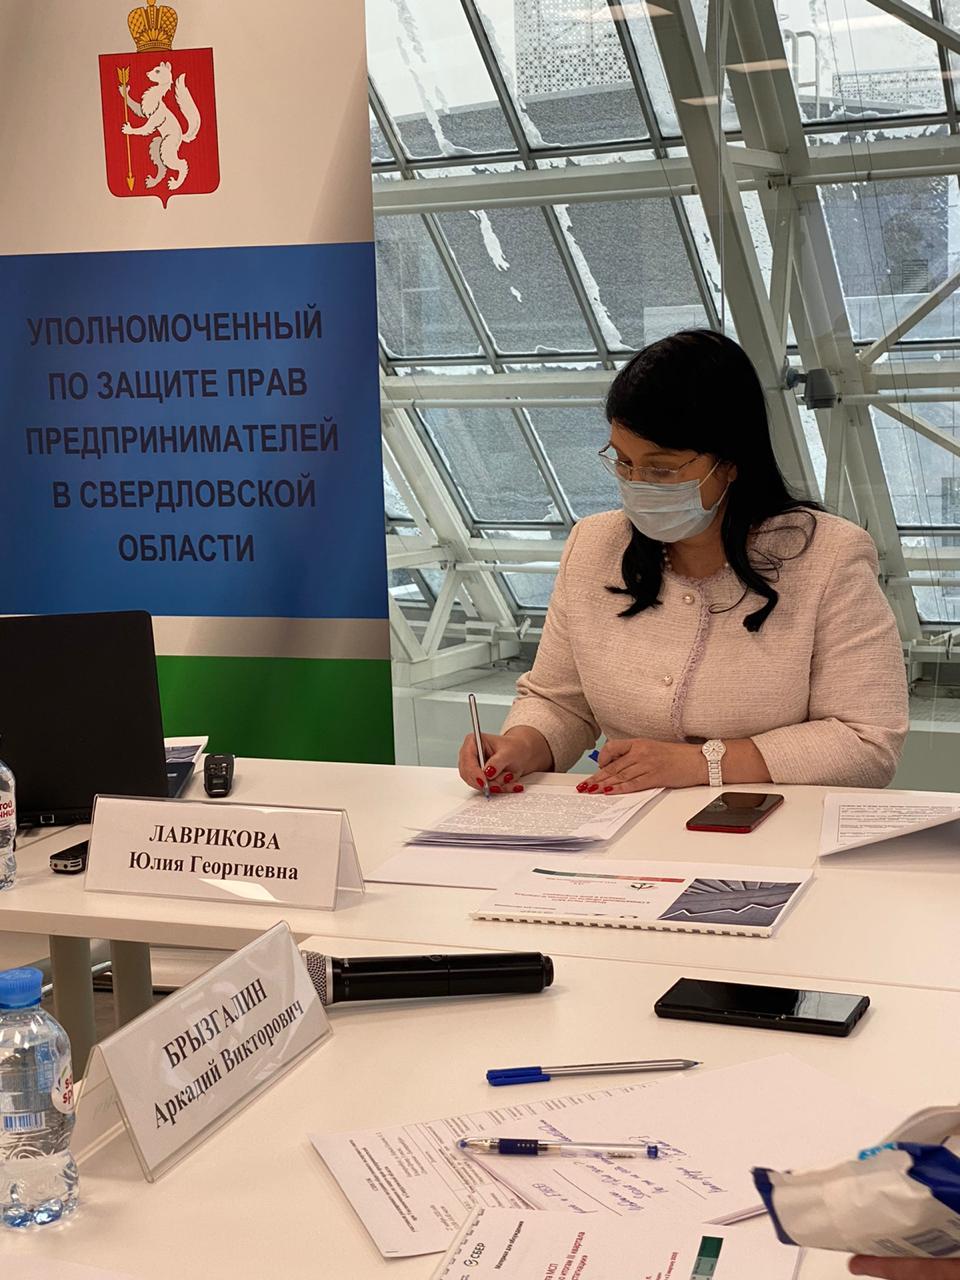 Юлия Лаврикова, д.э.н., директор Института экономики  УрО РАН, приняла участи в расширенном заседании общественного экспертного совета при свердловском бизнес-омбудсмене